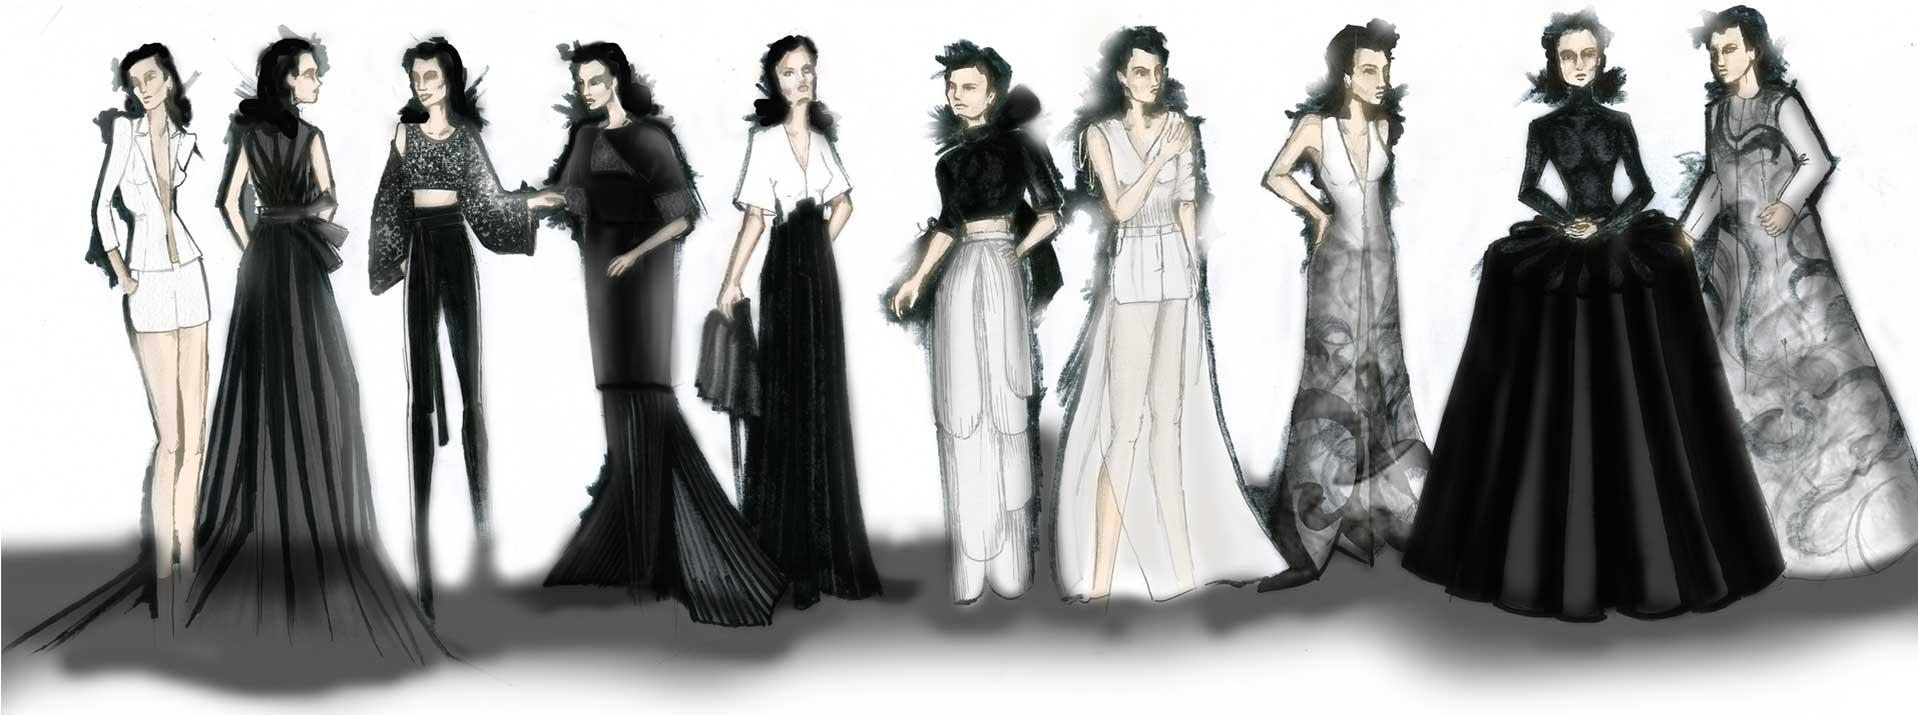 Best Fashion Design Schools Their Best Fashion Forward